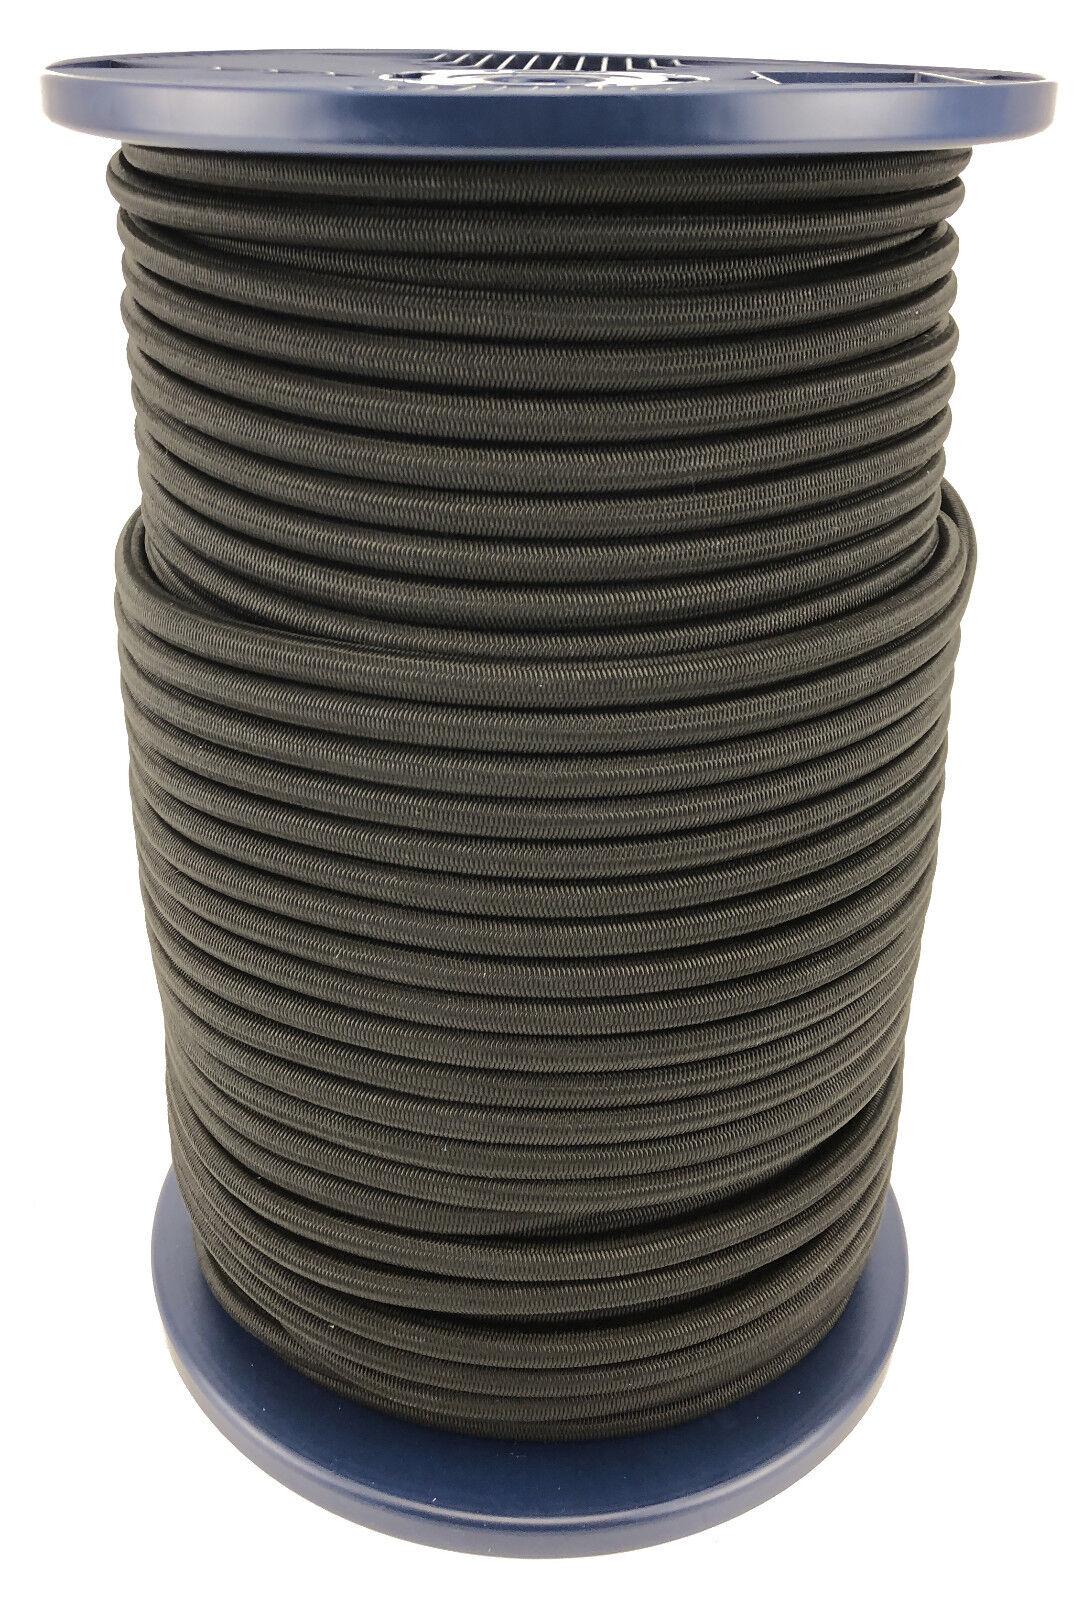 12mm zwart Elastic Bungee Rope x 40 Metres, Shock Cord Binden Down Heavy Duty